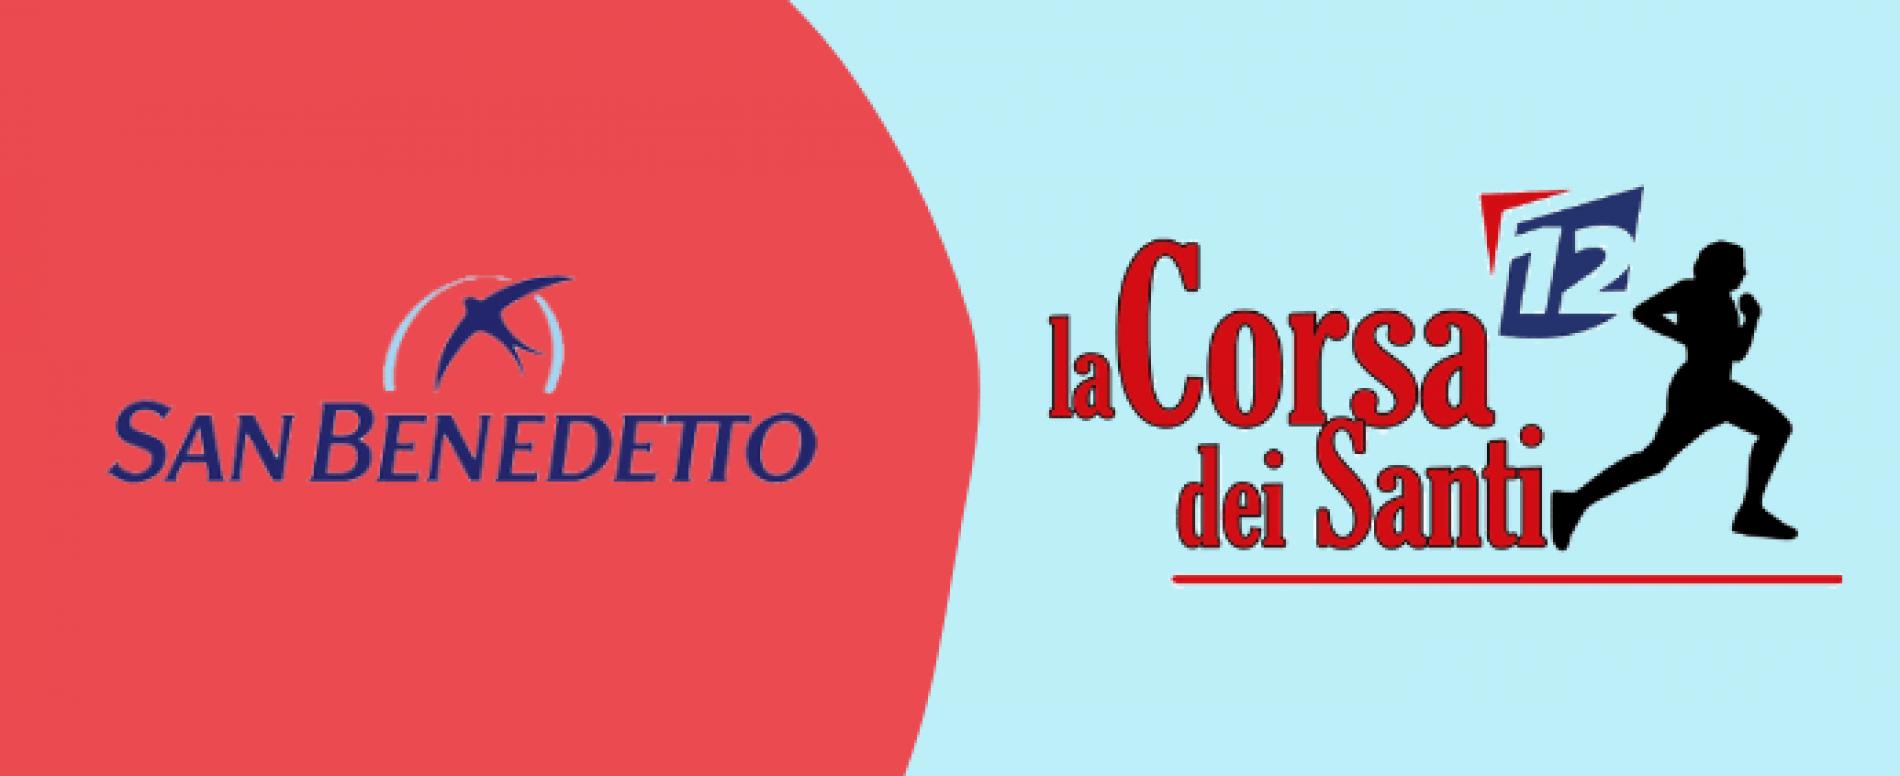 San Benedetto è fornitore ufficiale alla Corsa dei Santi 2019